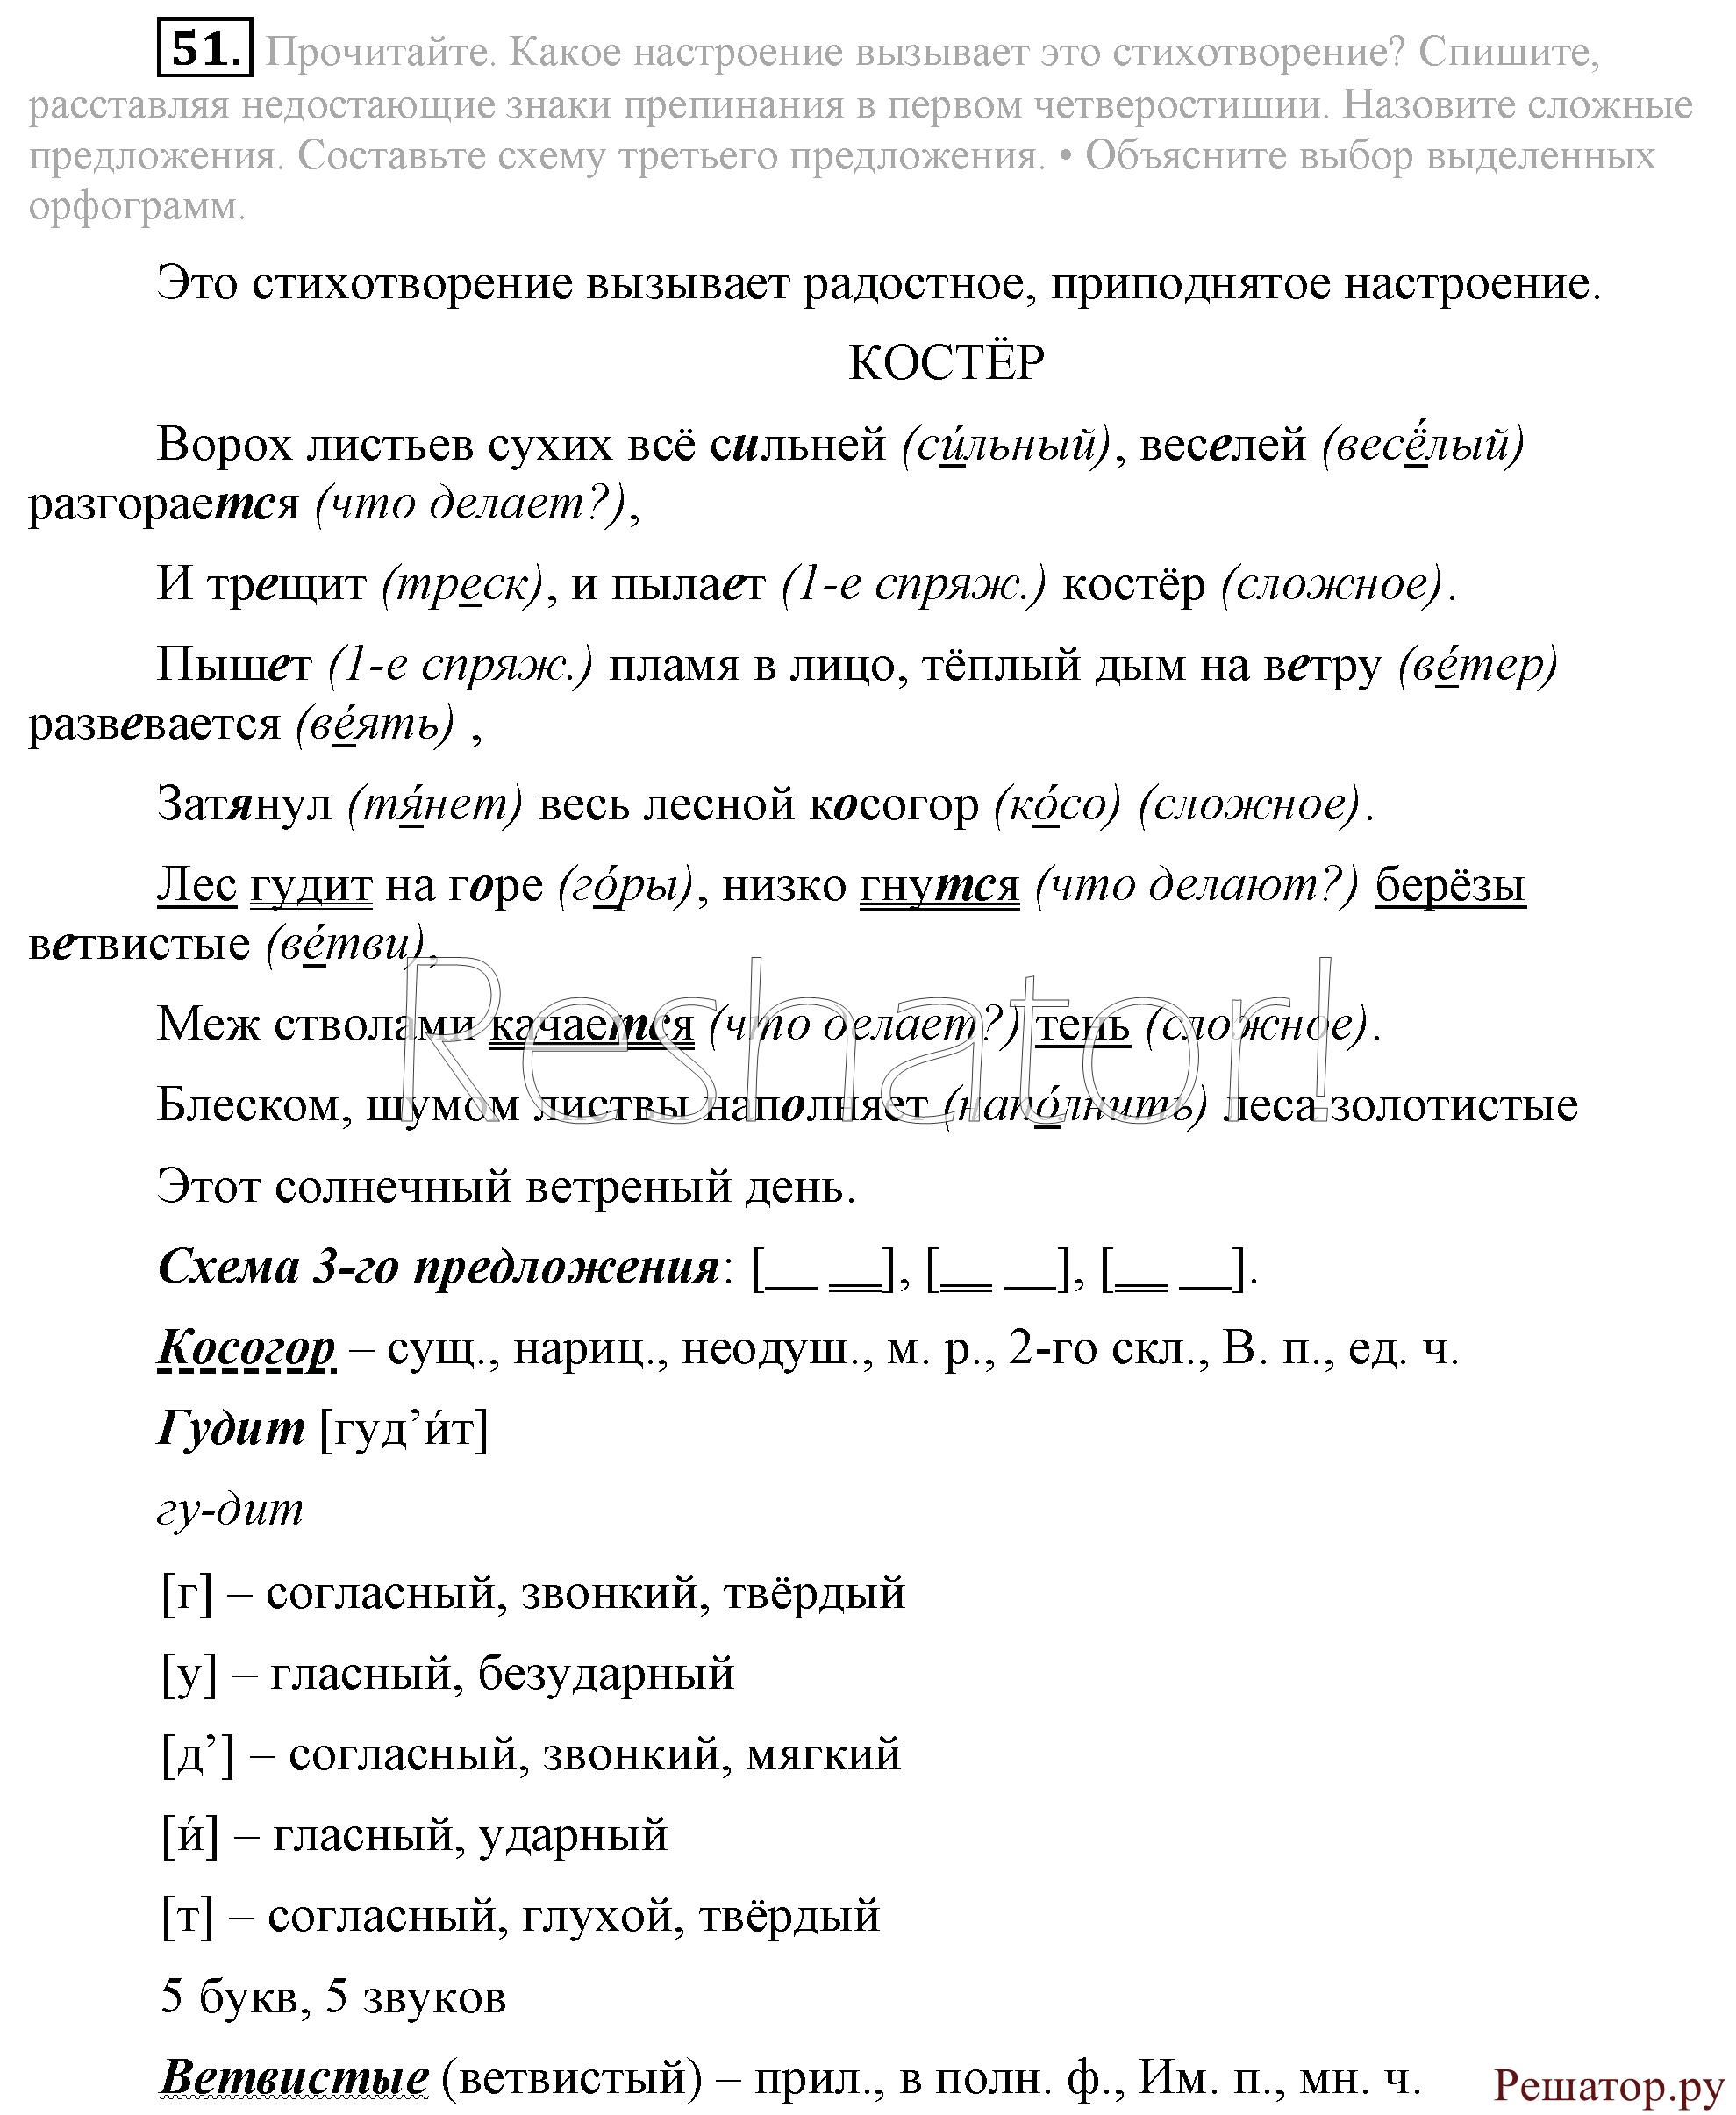 Скчать бесплатно готовые домашние задания по русскому